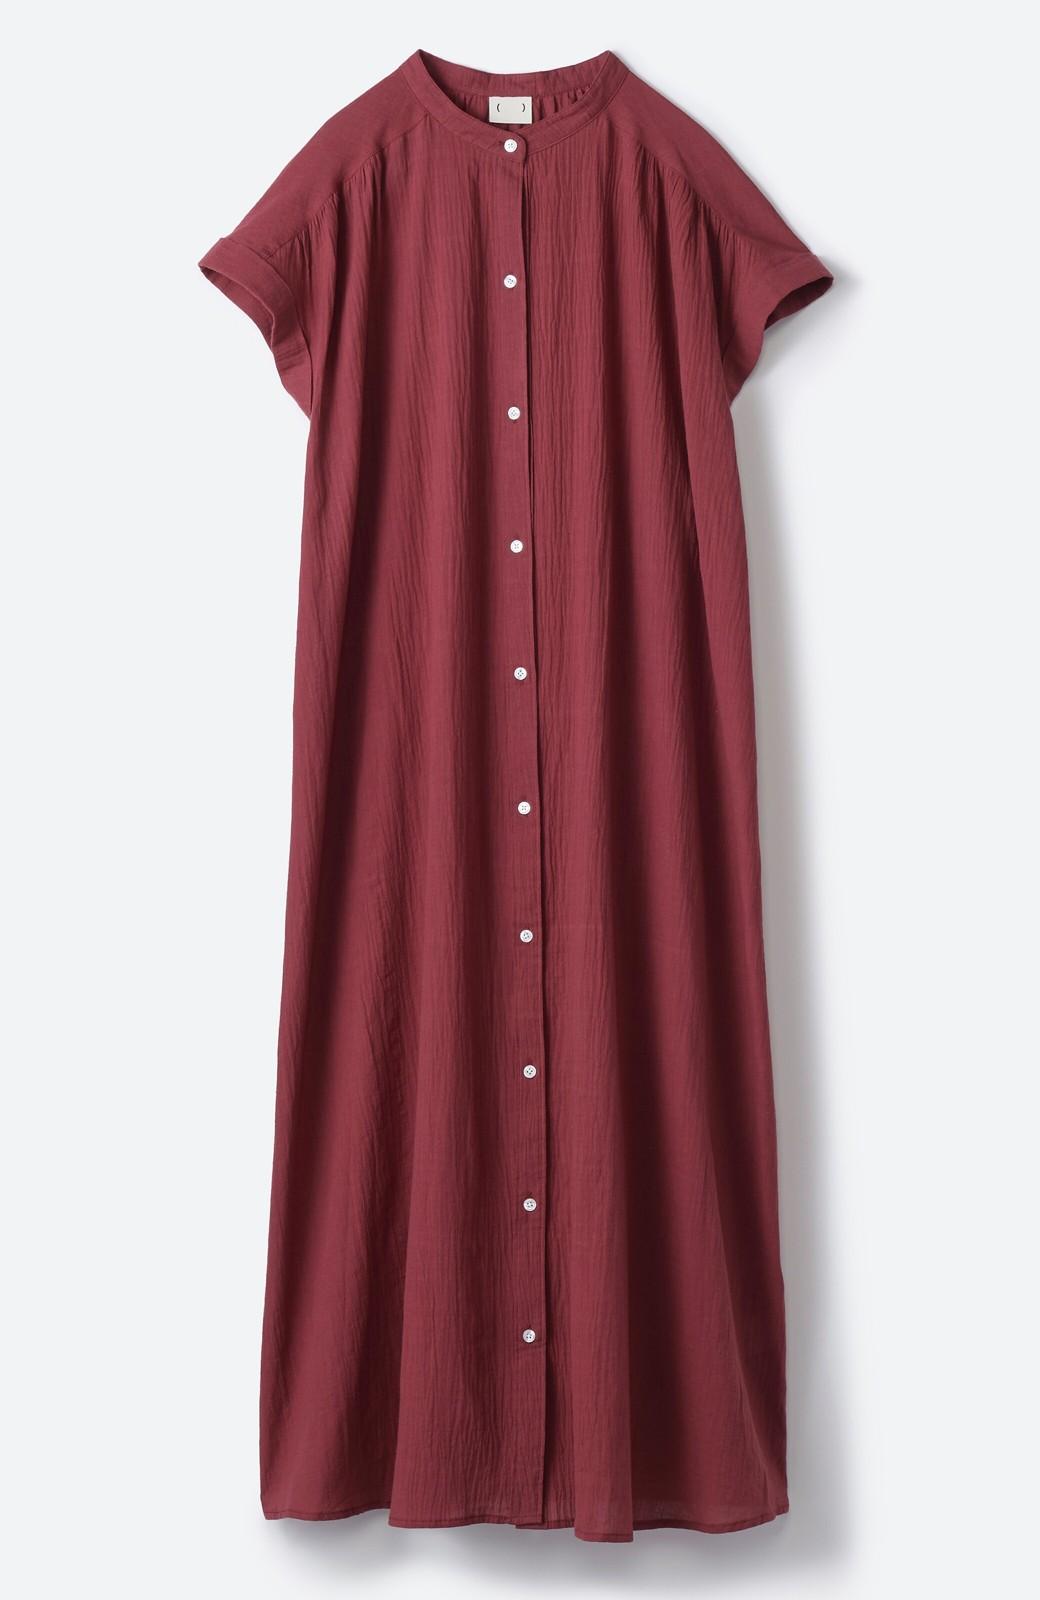 haco! バレずにとことん楽できる 羽織りとしても使える軽やかシャツワンピース <レッド>の商品写真21